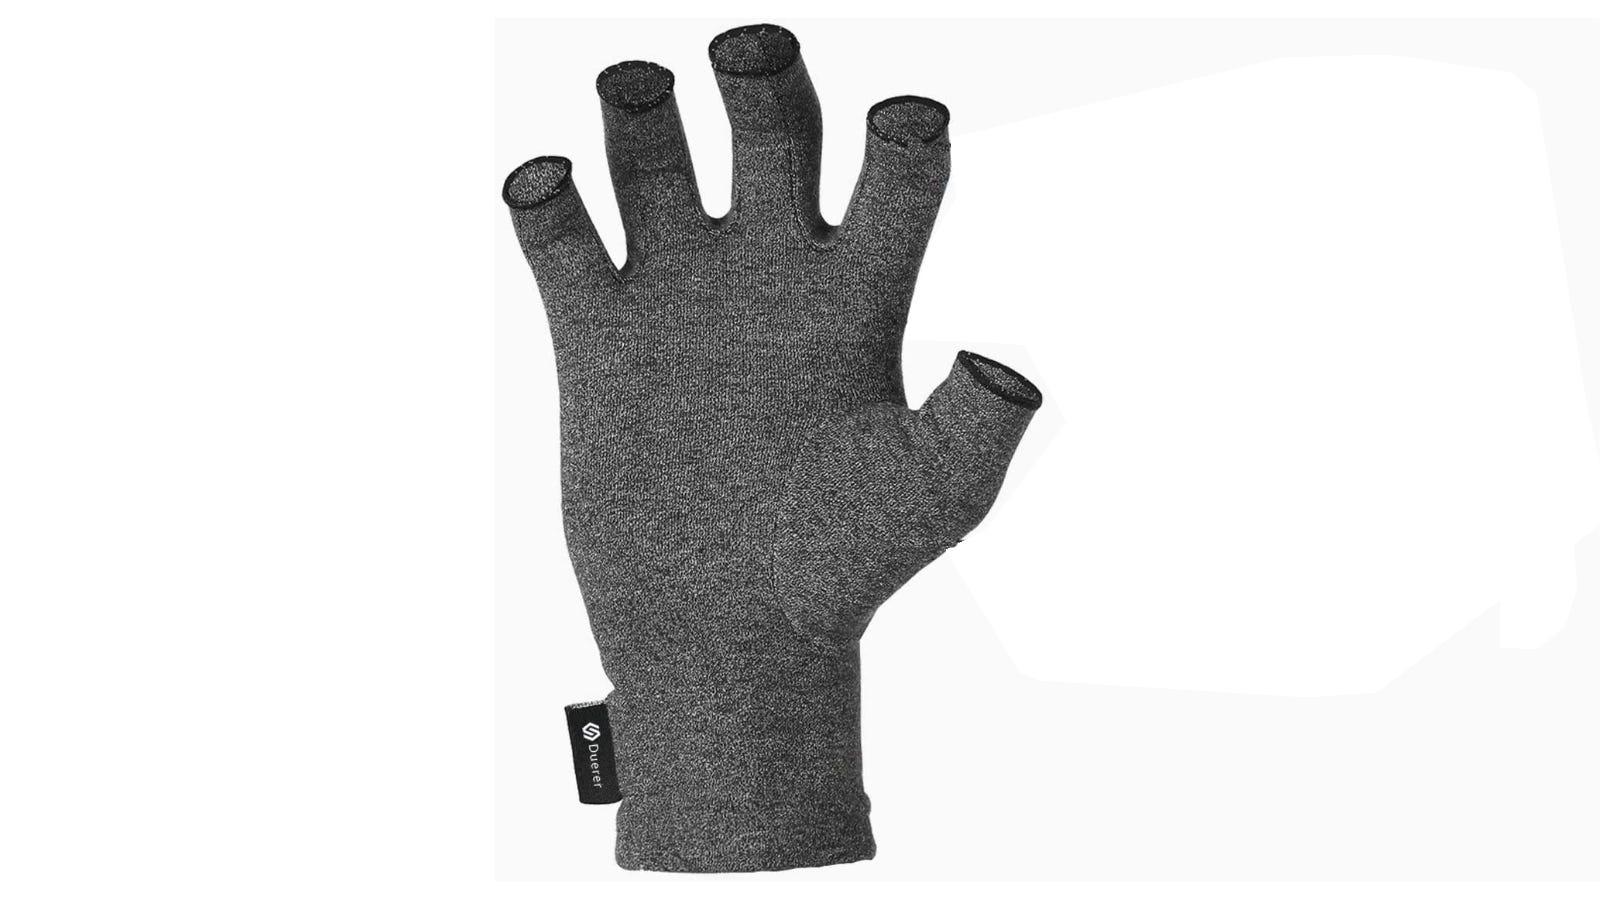 Duerer Compression Gloves